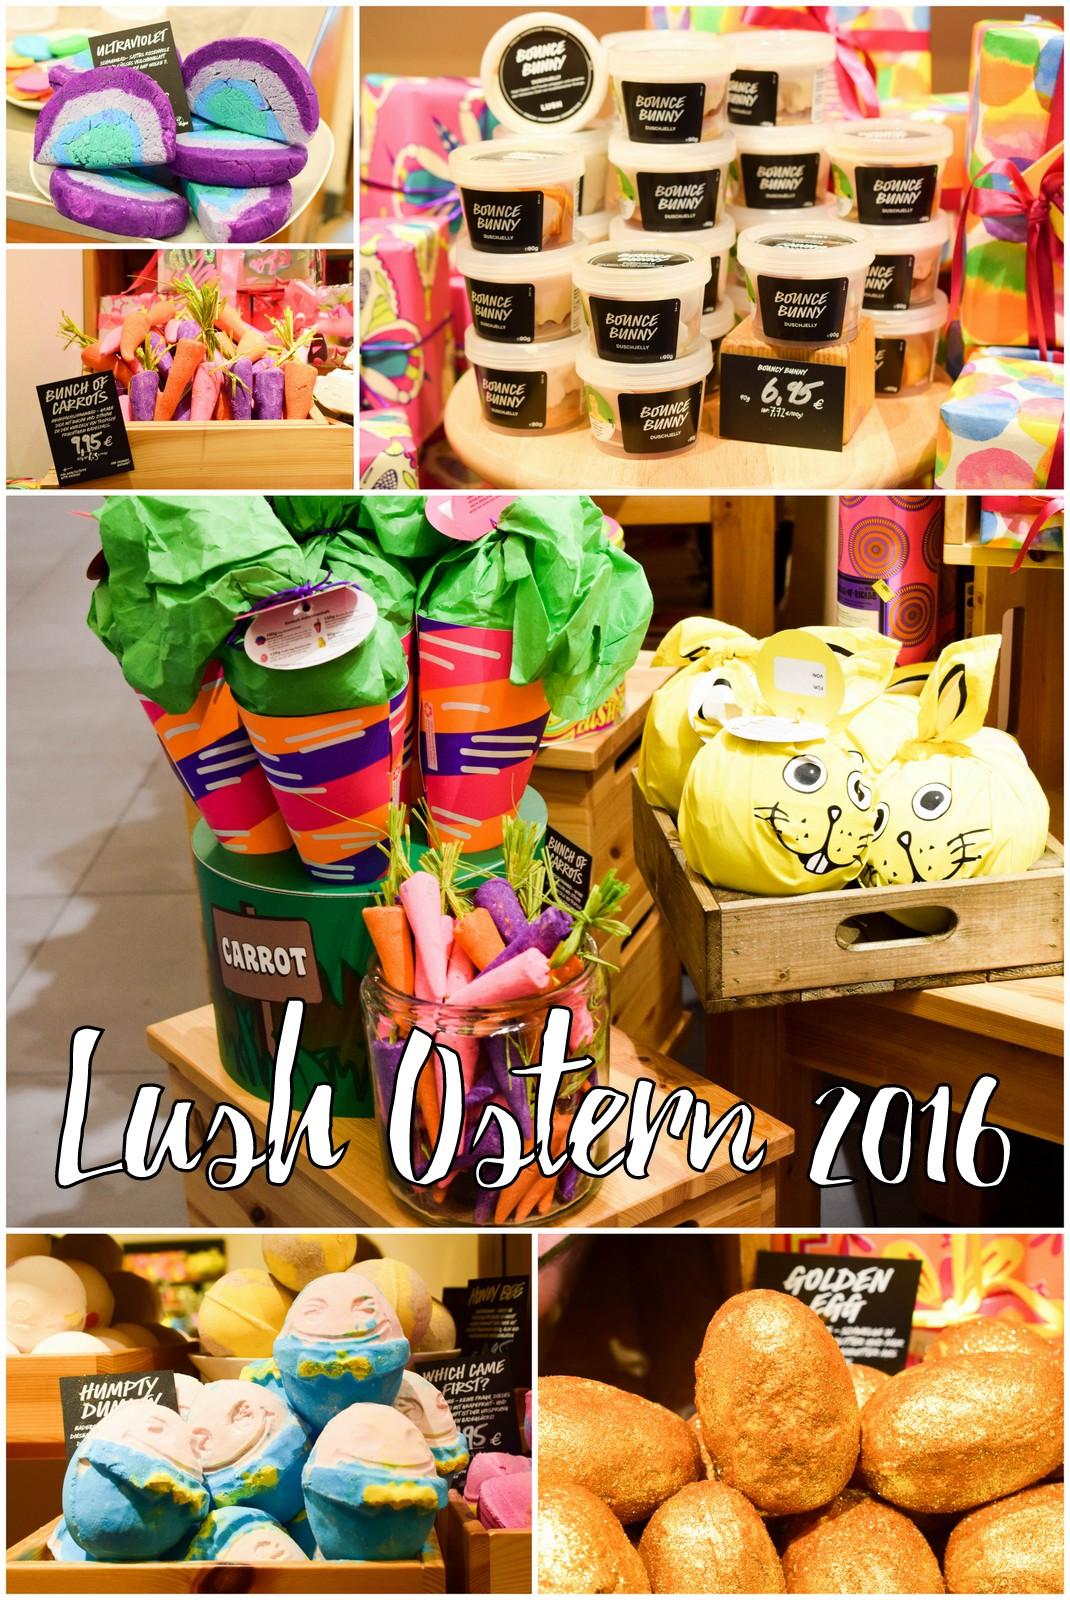 Lush Ostern 2016 alle Produkte auf einem Blick inklusive meine Favoriten